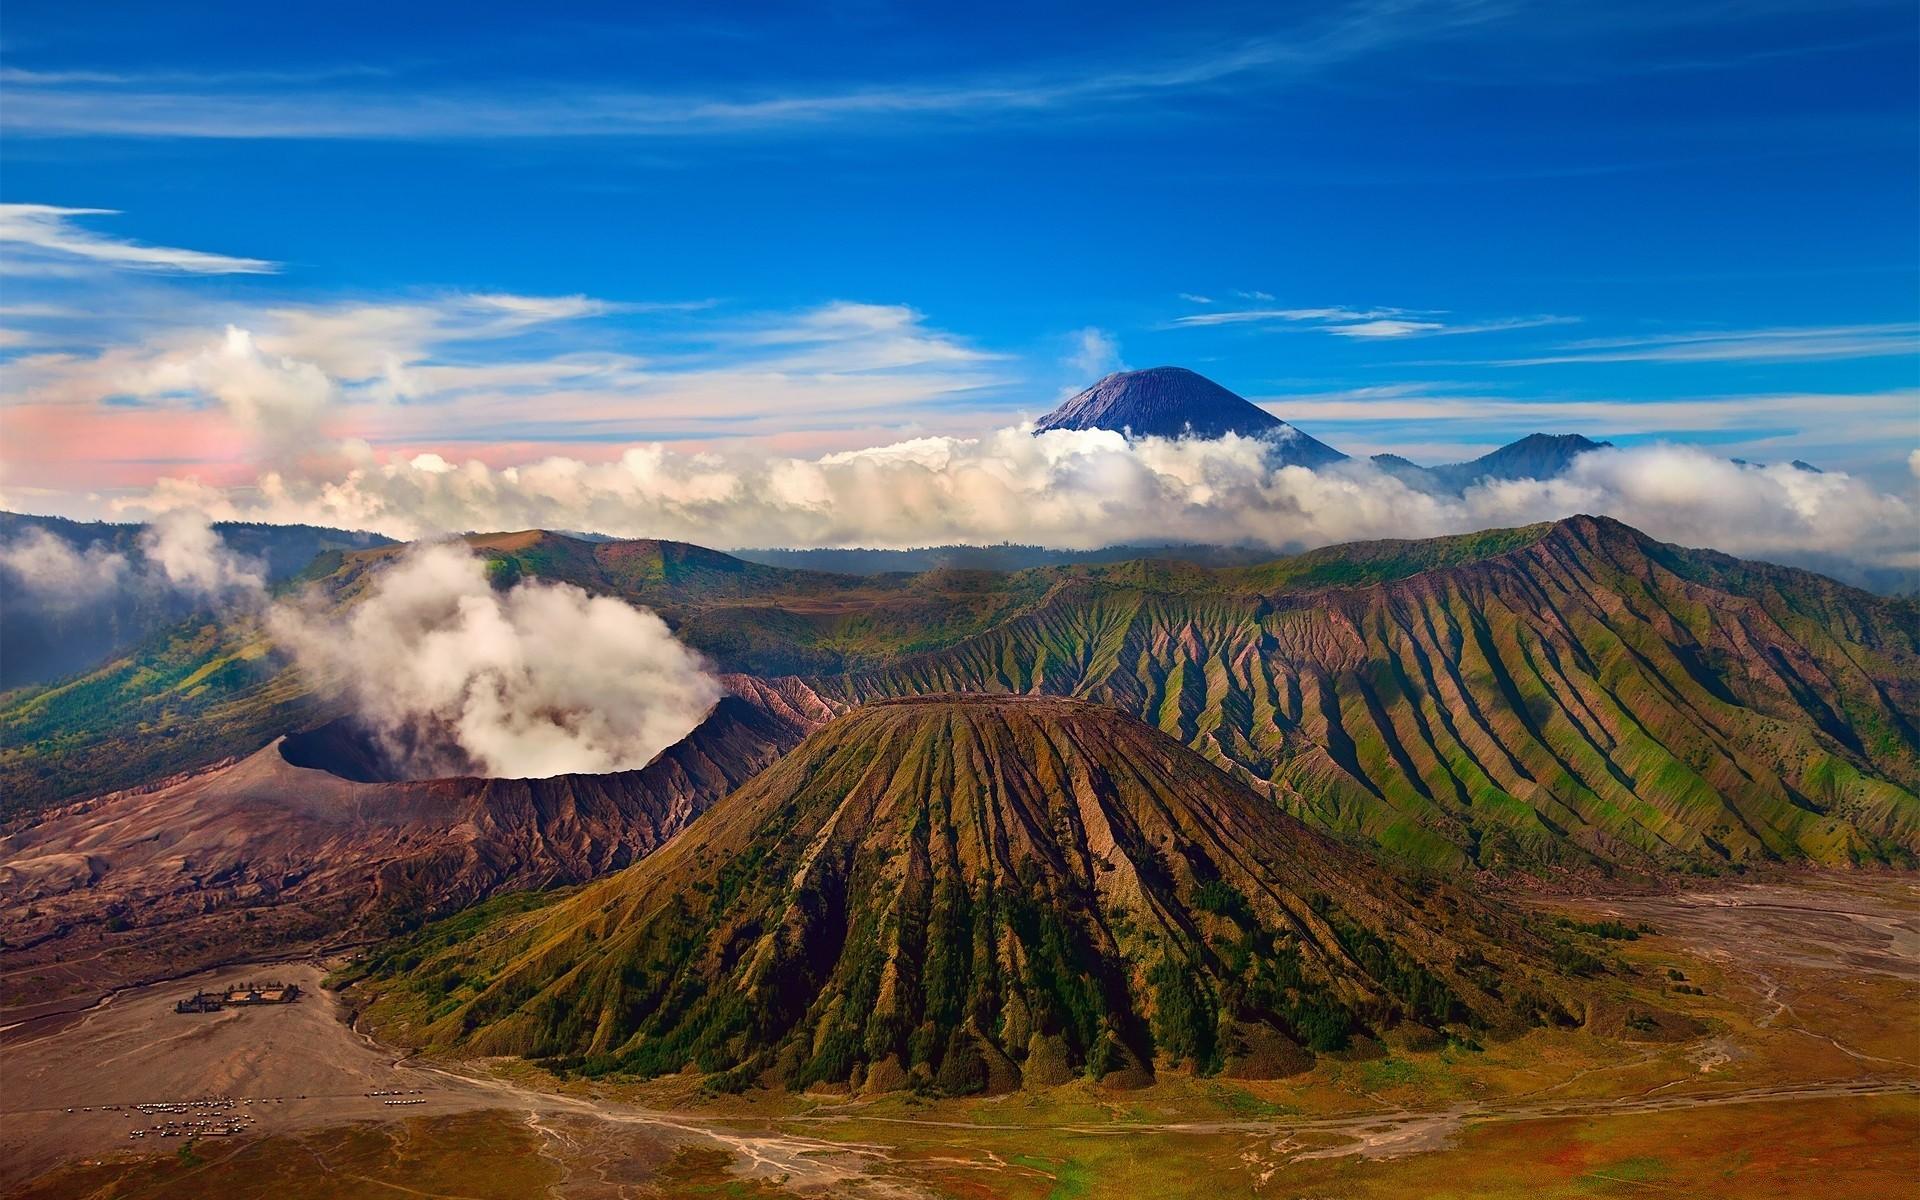 фото горы вулканы дата нам